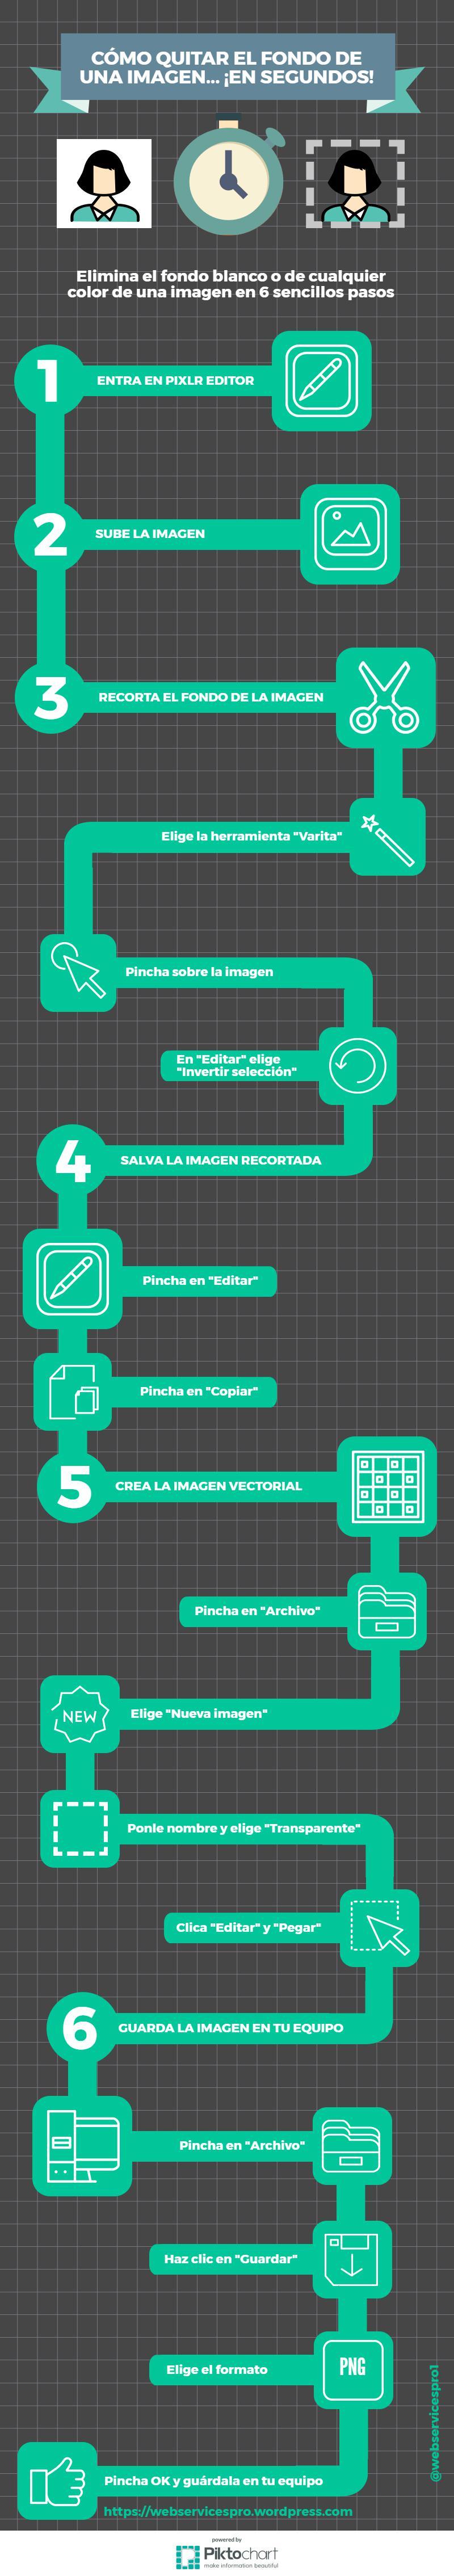 Cómo eliminar el fondo de una imagen en segundos #infografia #infographic #design